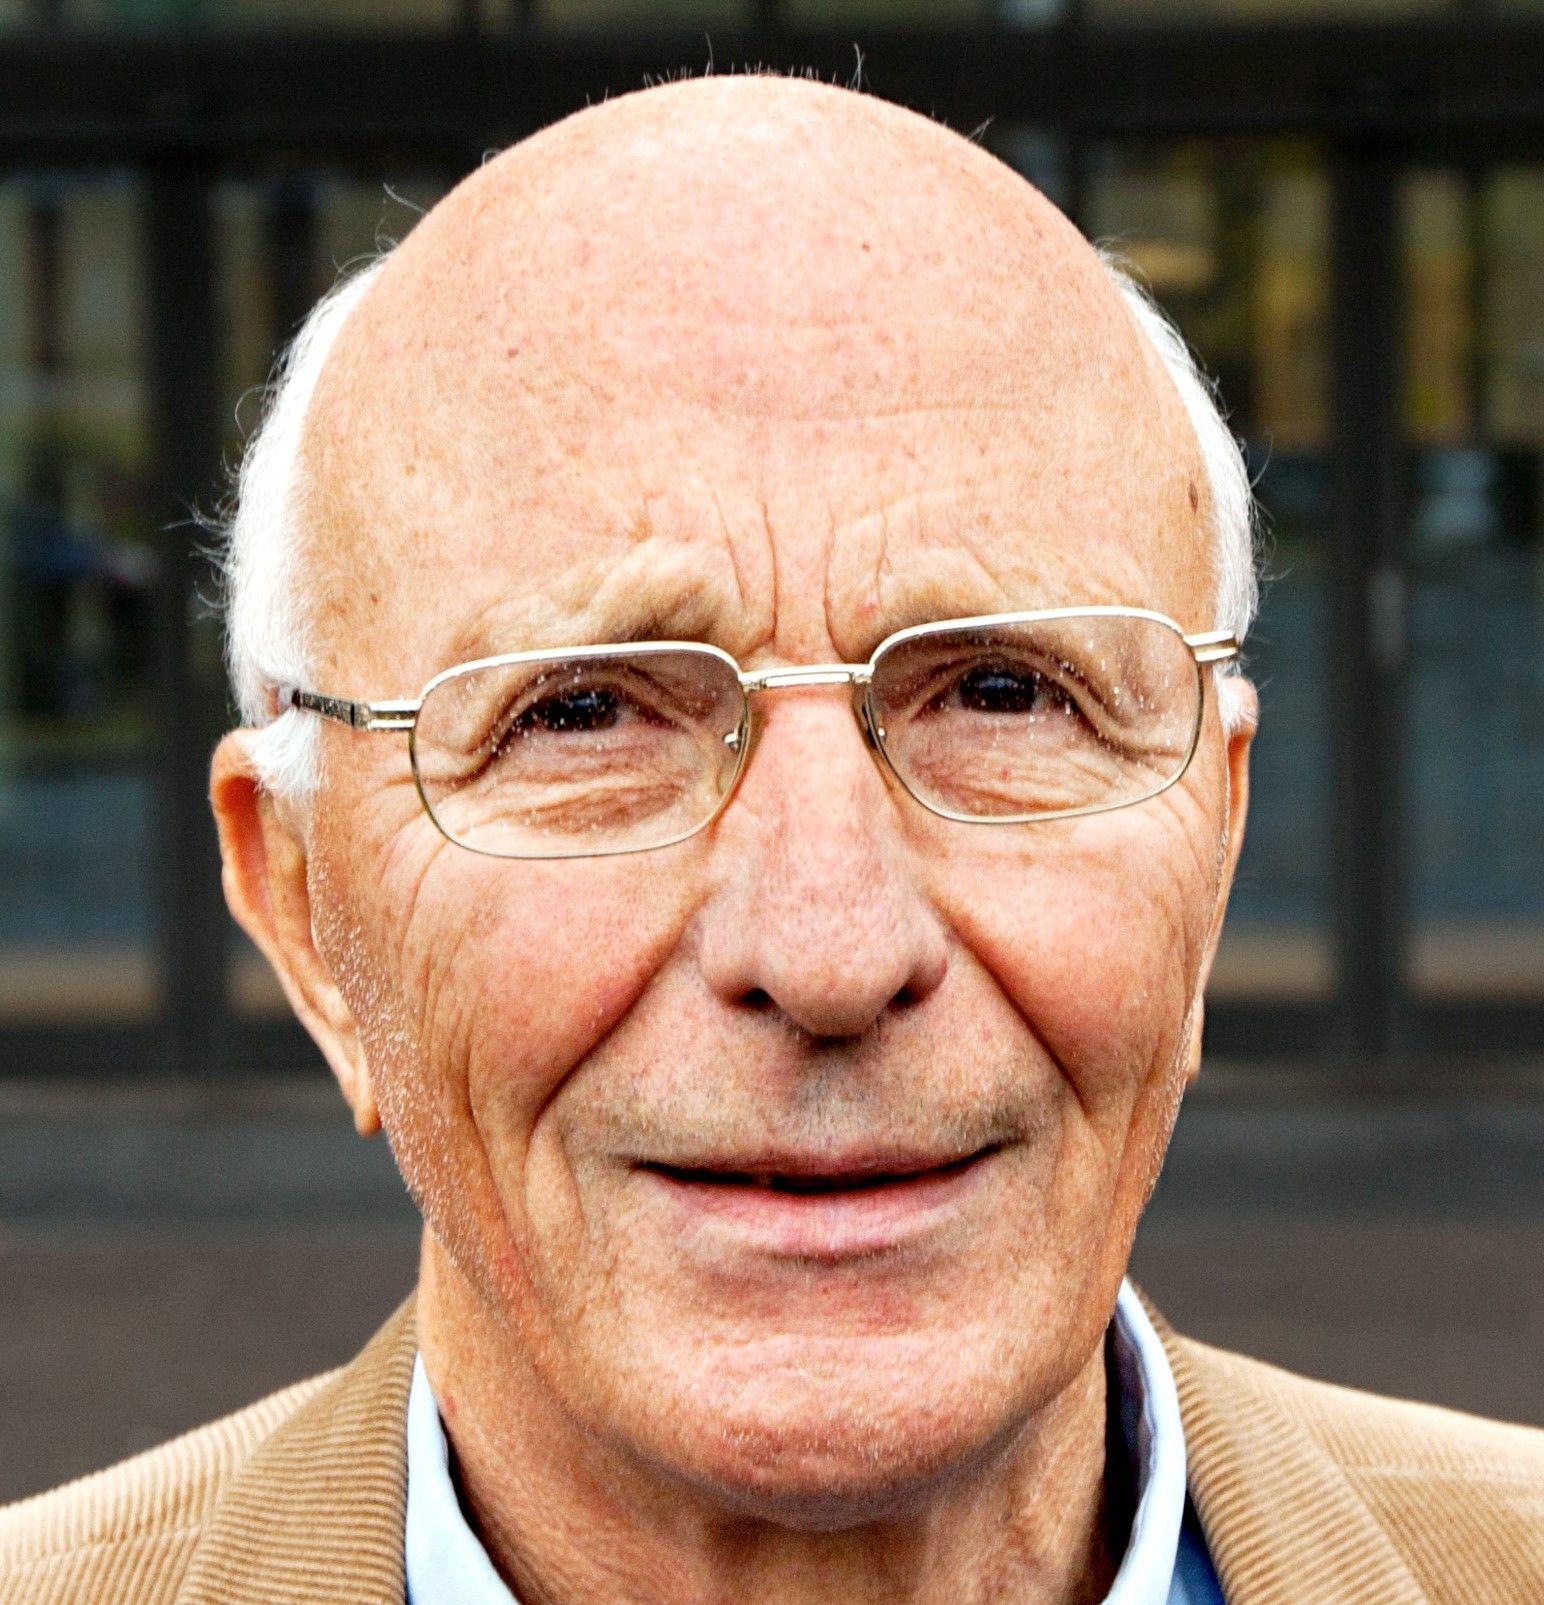 John Kjekshus